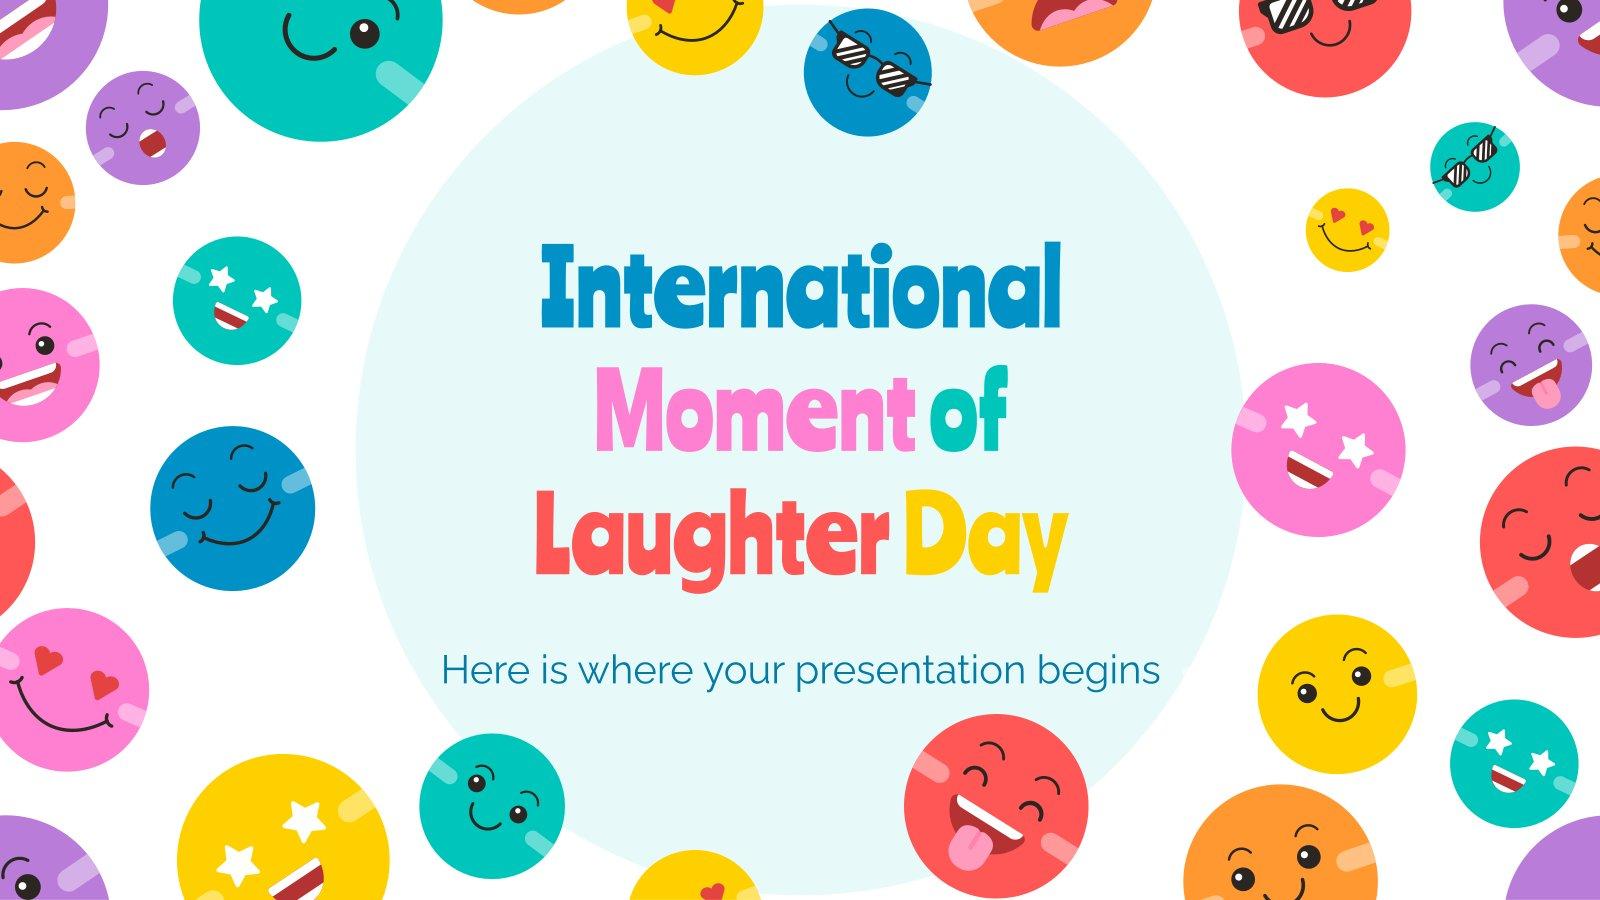 Plantilla de presentación Día Internacional del Momento de la Risa